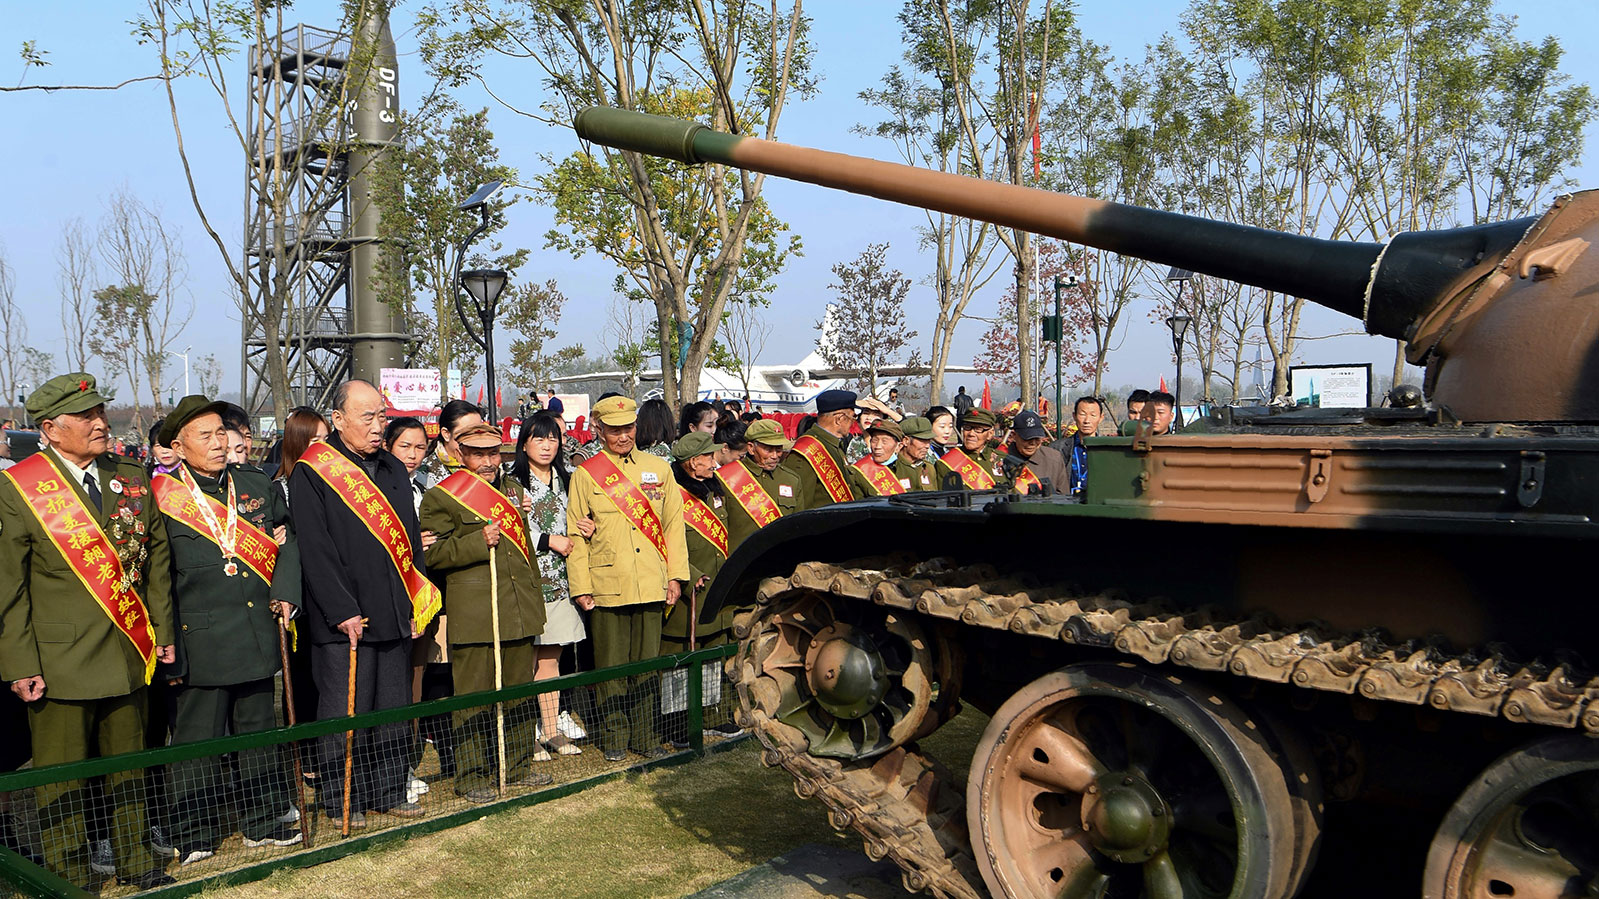 圖爲,2020年10月19日,一羣參加1950-53年朝鮮戰爭的中國退伍軍人,在安徽省亳州市的國防教育基地舉行紀念朝鮮戰爭70週年活動。(法新社)